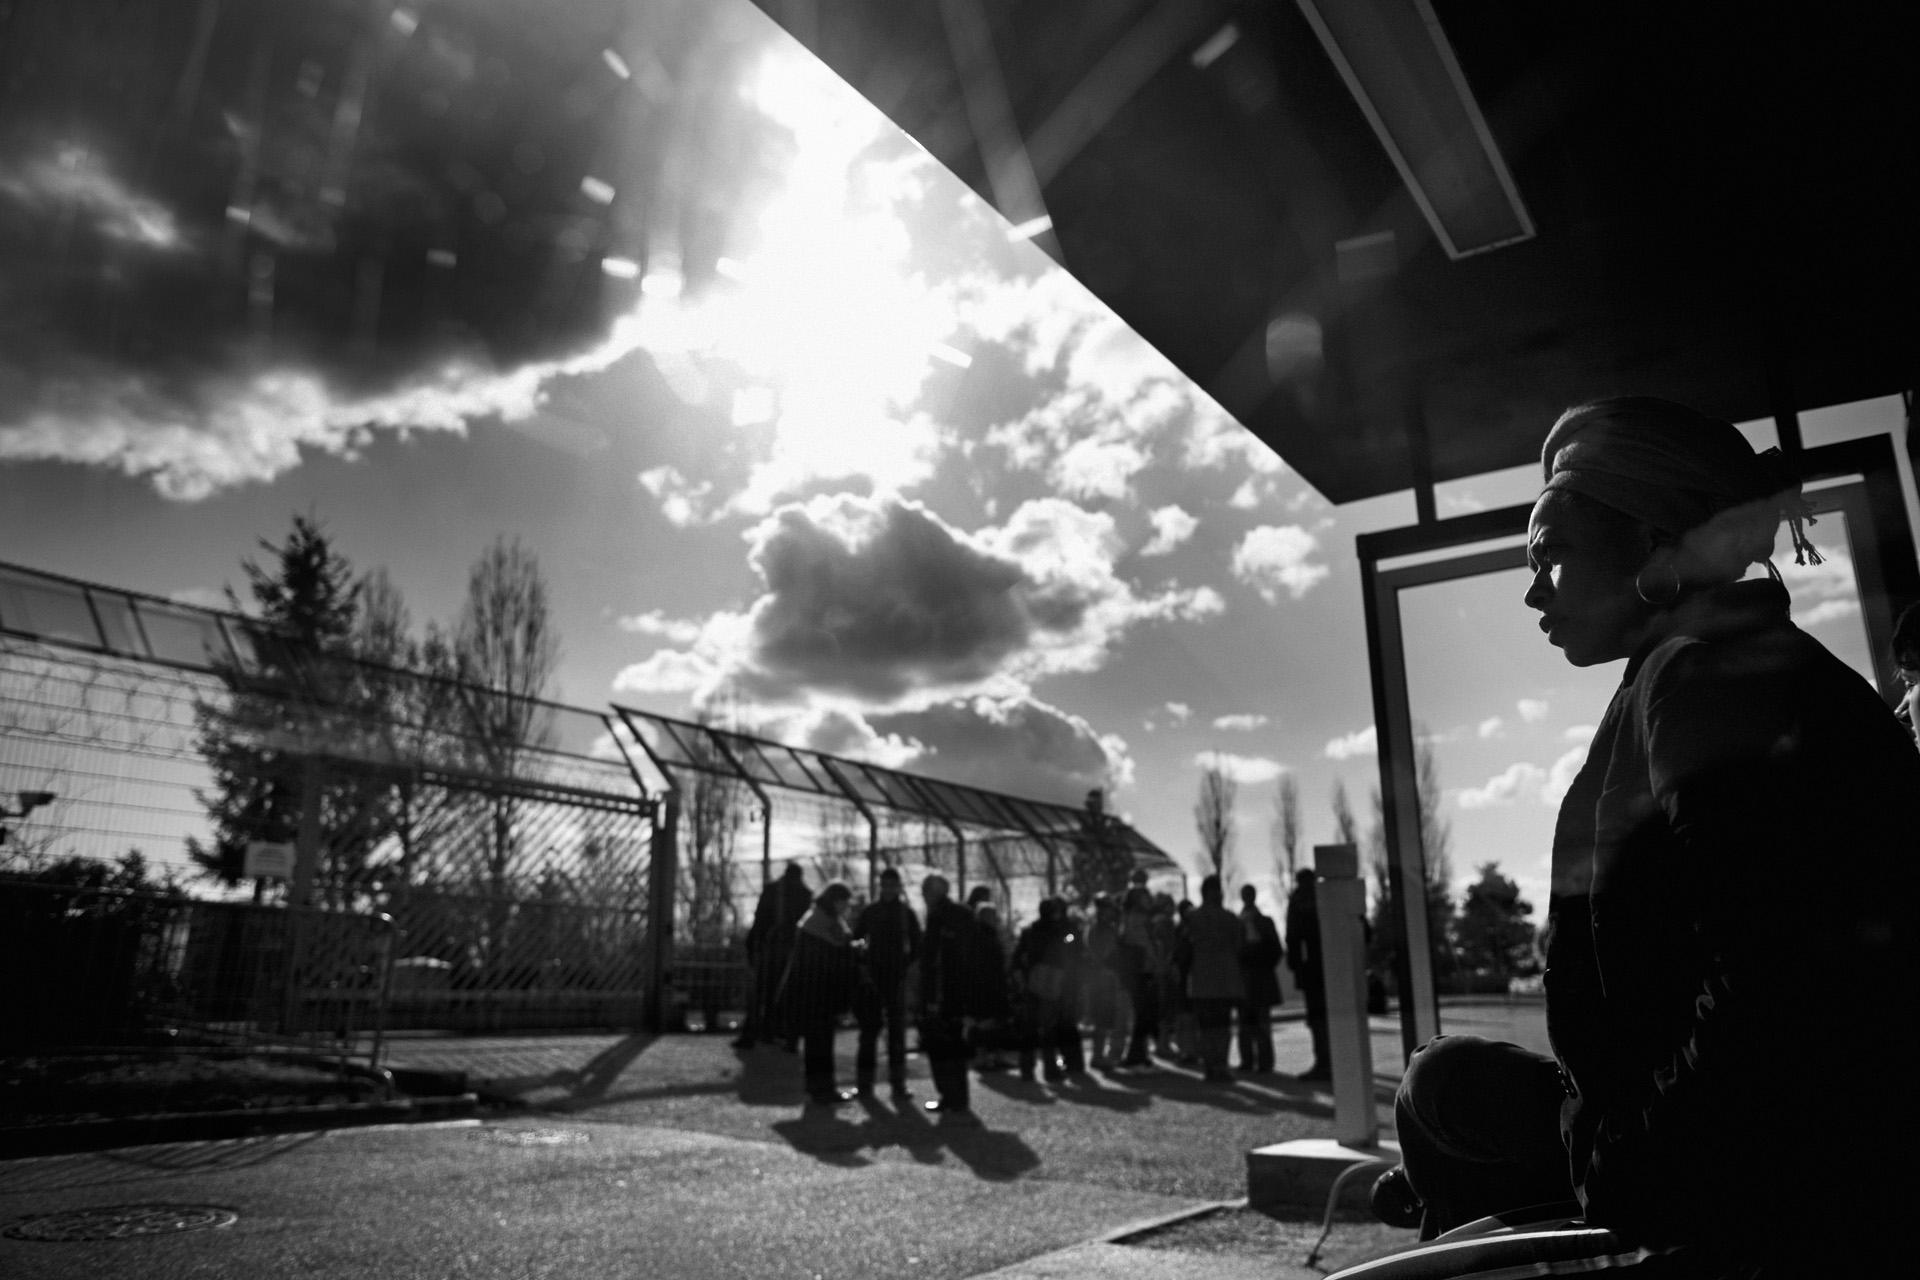 Lyon, le 4 avril 2010. Devant le centre de rétention Saint-Exupéry de Lyon, Florence attend pour voir Guilherme. Ce centre compte parmi ceux qui peuvent accueillir des familles. Les centres de rétention administrative (CRA) ont été officiellement créés le 29 octobre 1981. Ils ne dépendent pas de l'administration pénitentiaire. La privation de liberté n'a pas de caractère punitif lié à la décision d'une autorité judiciaire, elle est le résultat d'une décision administrative.